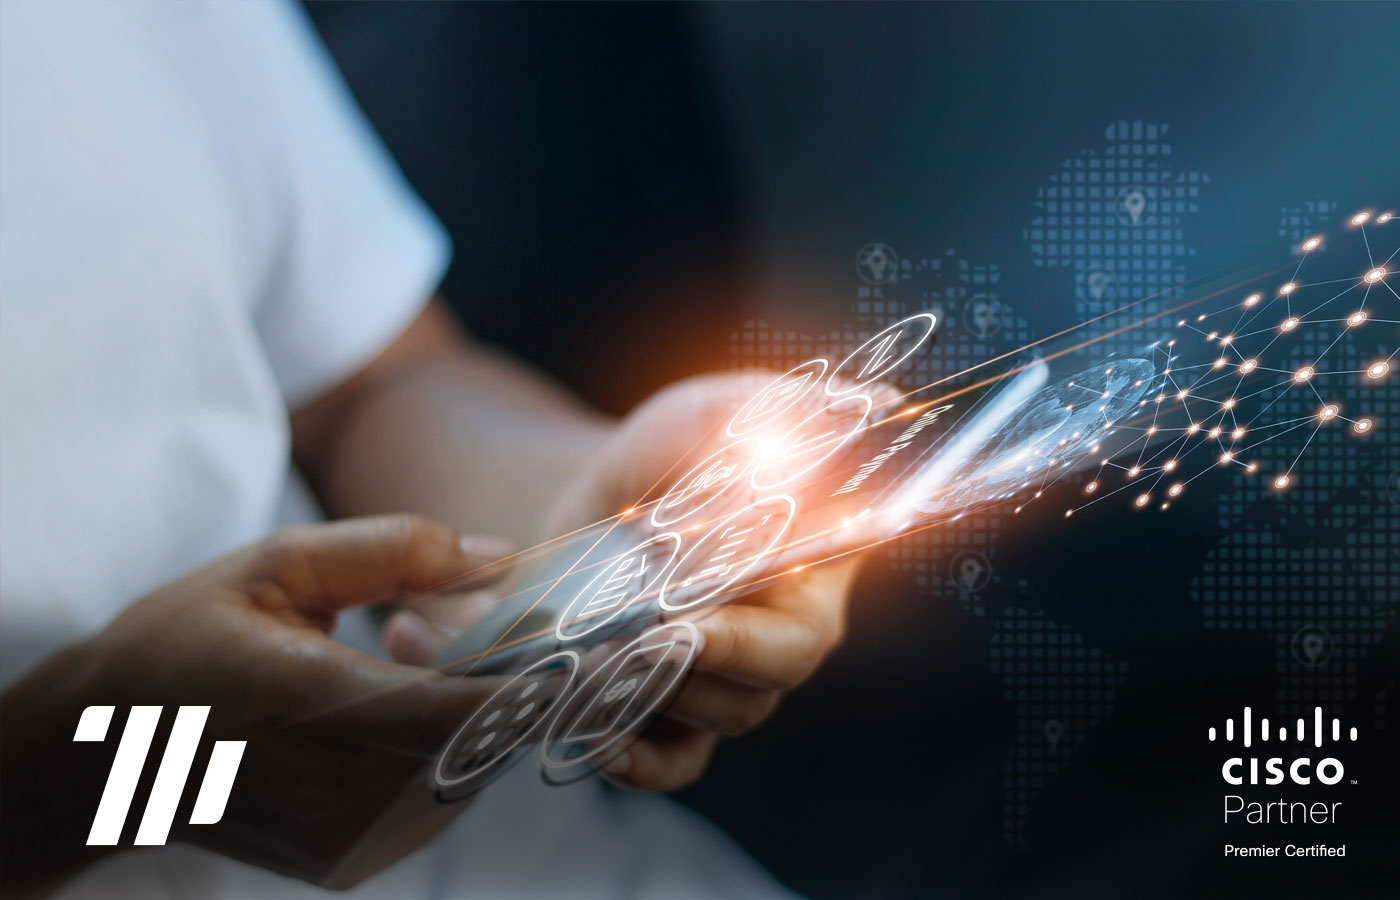 Wifi 6 | La nueva generación de conexión inalámbrica de Cisco Meraki